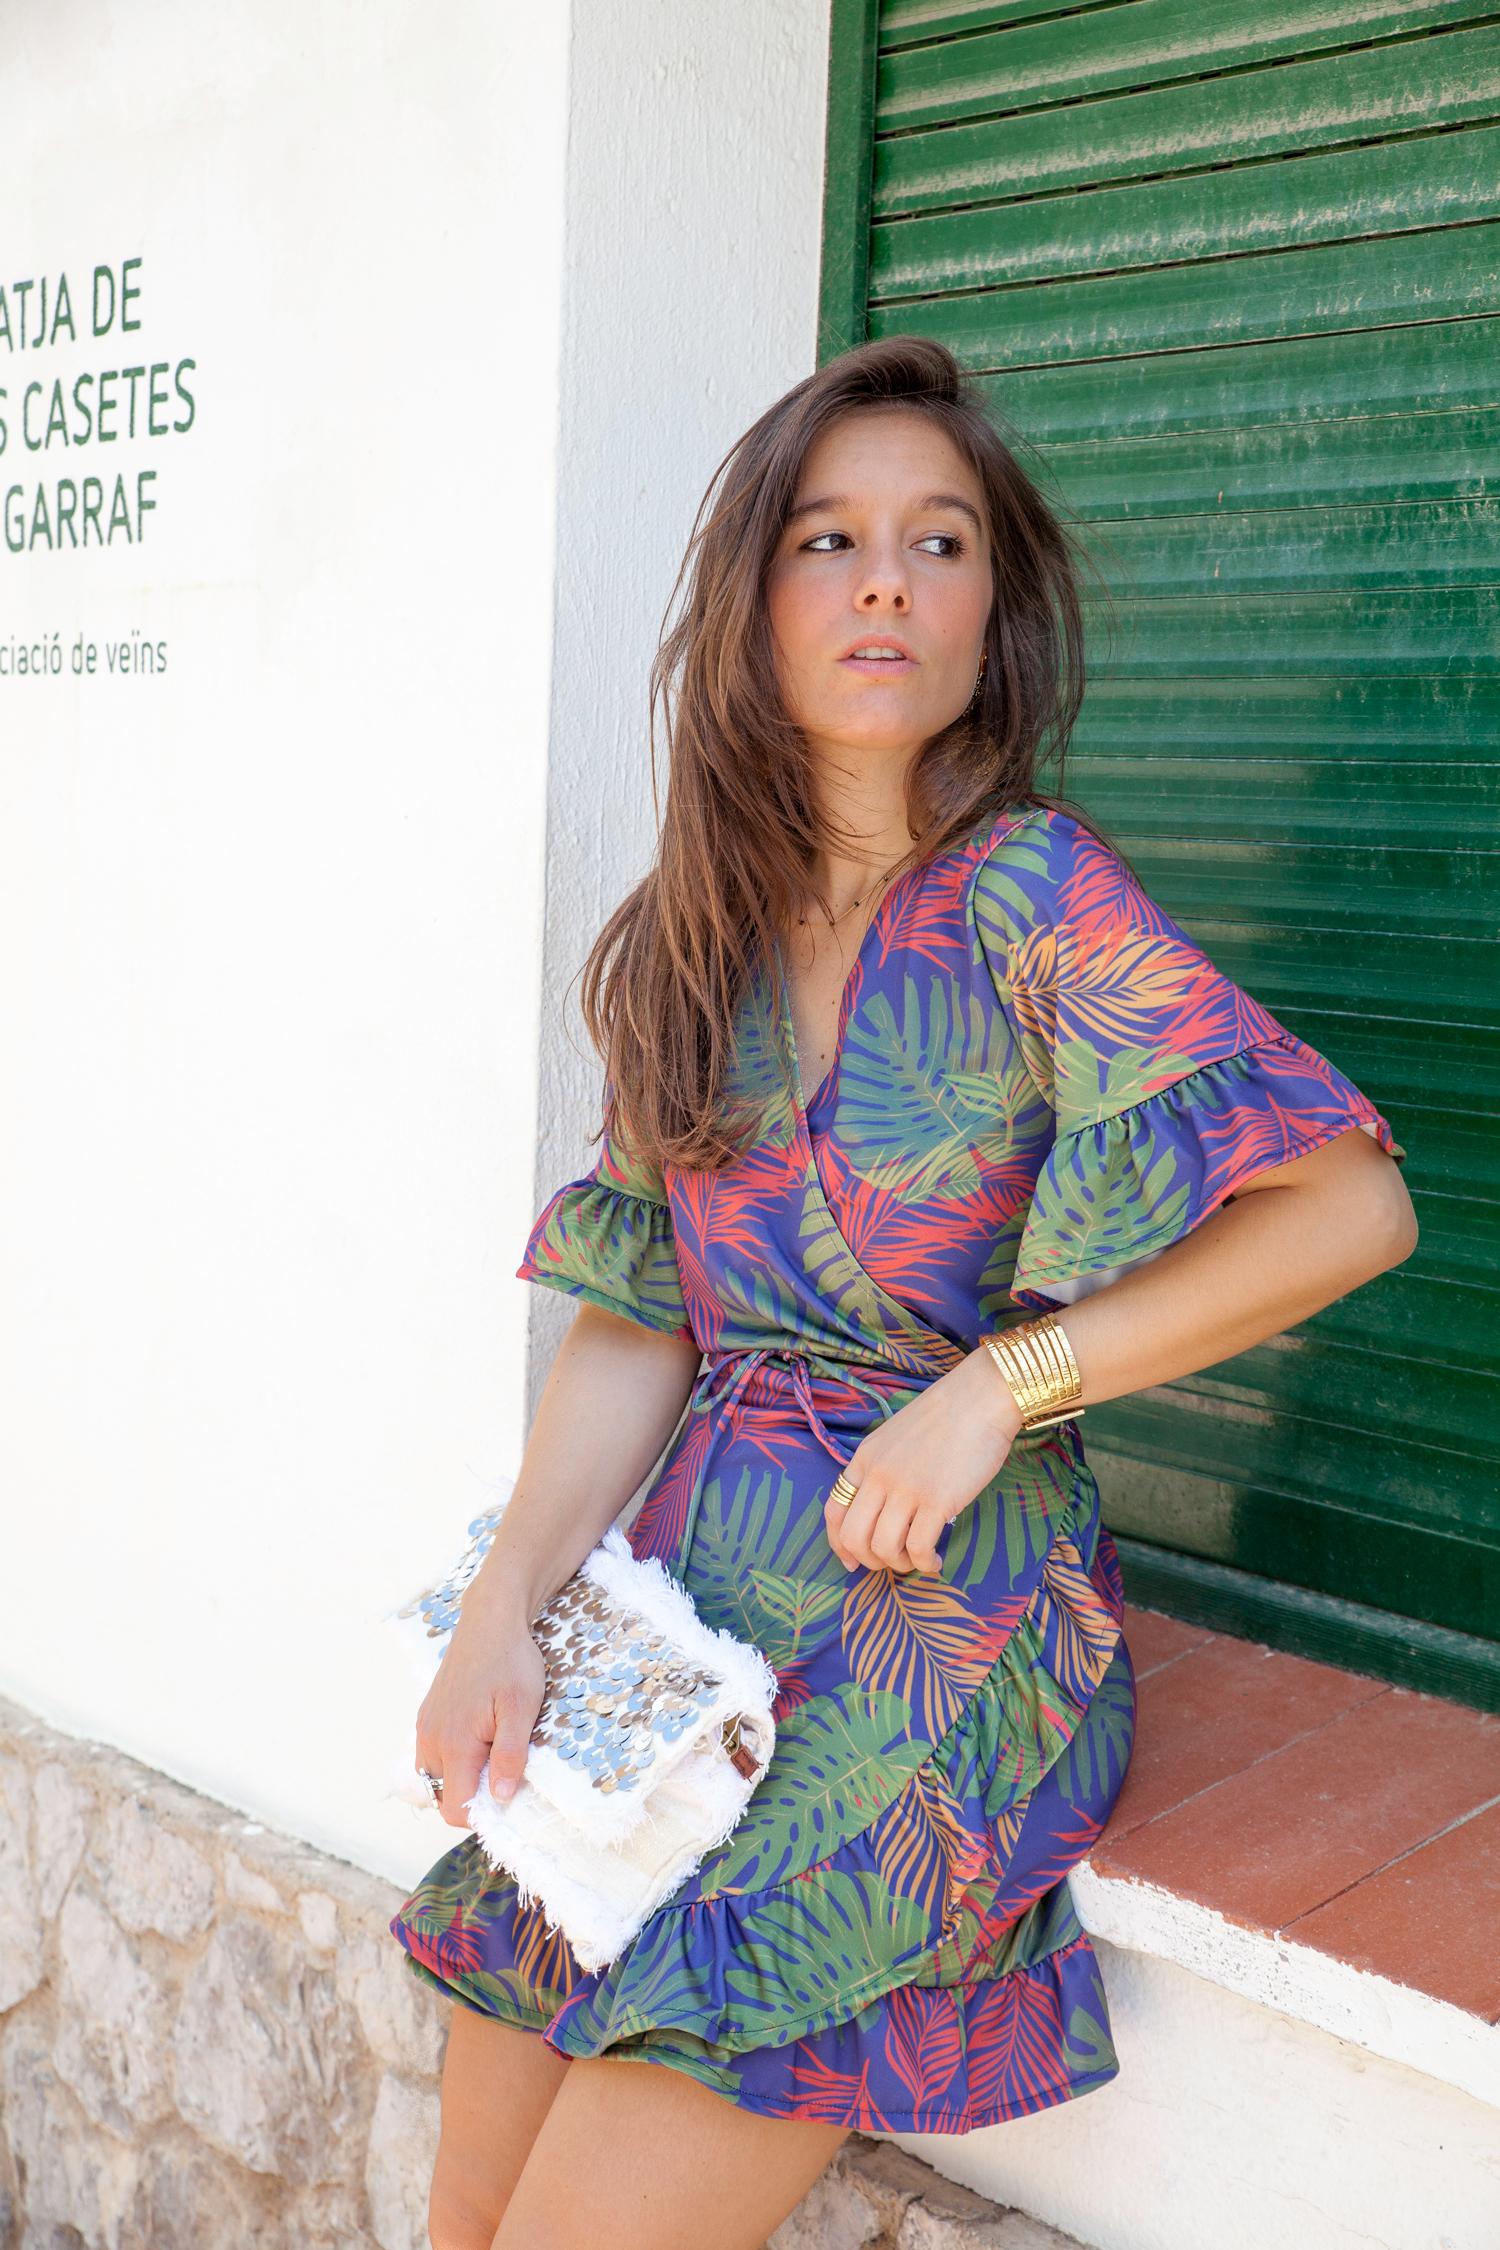 ac334f1b1 Vestido cruzado estampado Rüga ideal para verano.  01 vestido cruzado estampado rüga theguestgirl fashion influencer barcelona